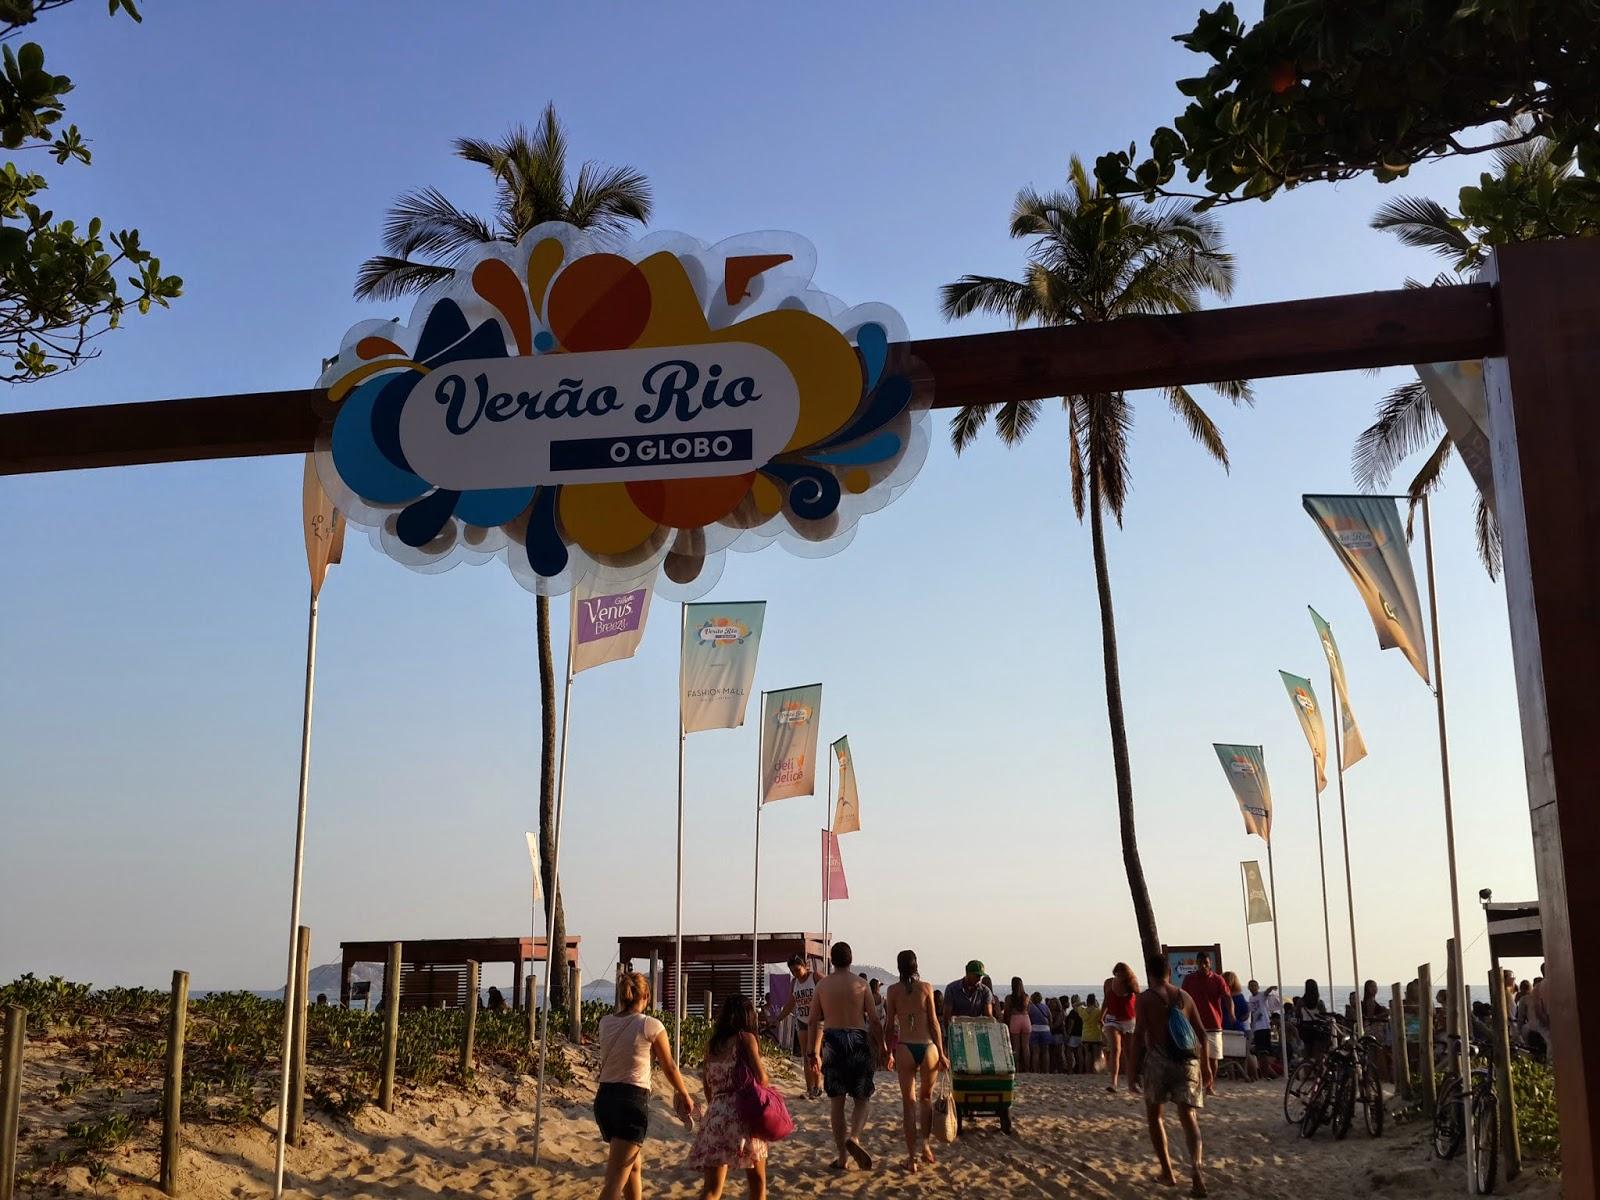 Blog Apaixonados por Viagens: Rio de Janeiro: Projeto Verão Rio em  #40598B 1600 1200